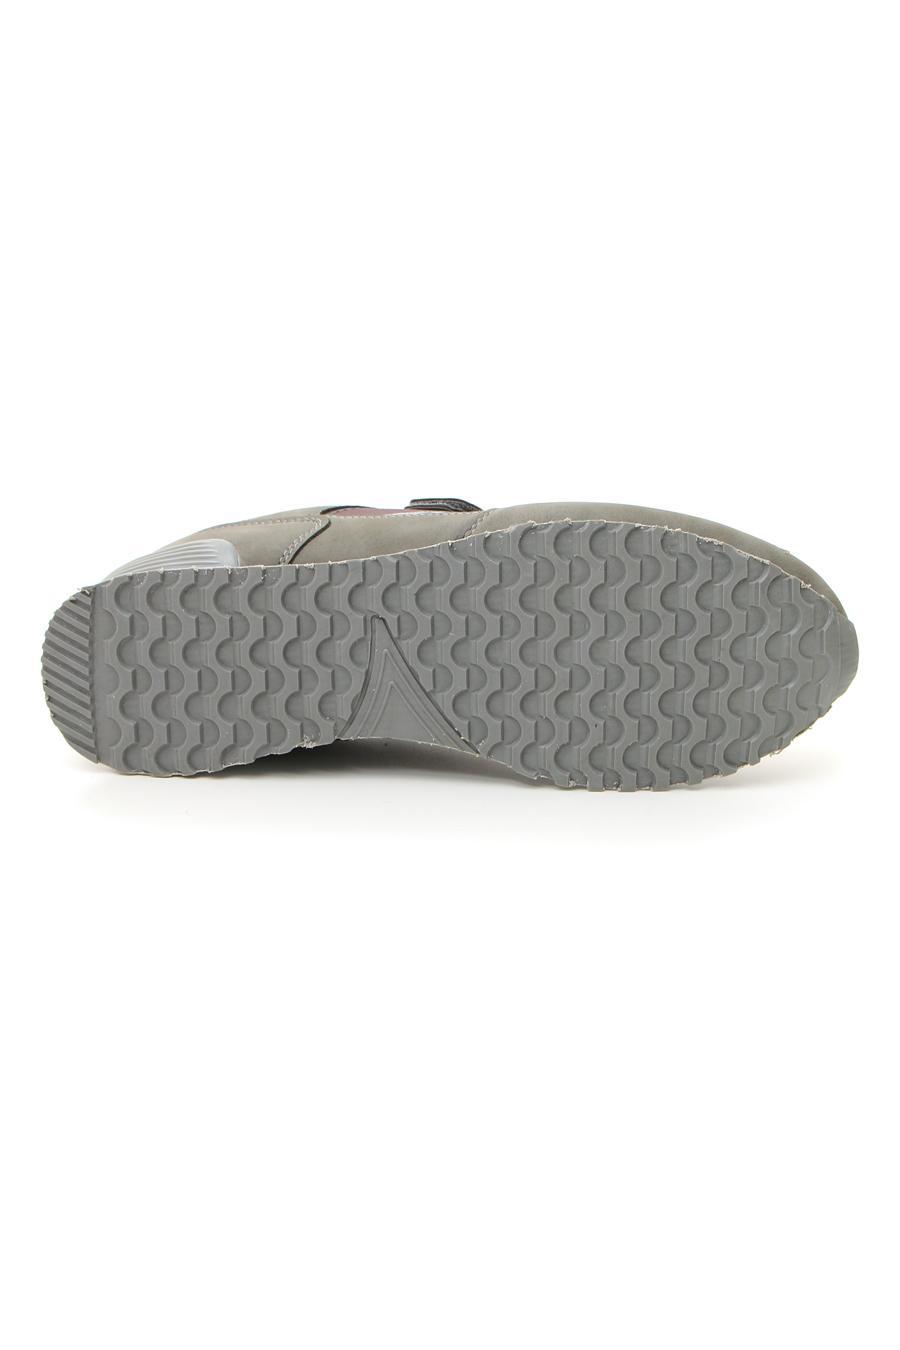 SNEAKERS MIO TEMPO 10201 uomo grigio | Pittarello